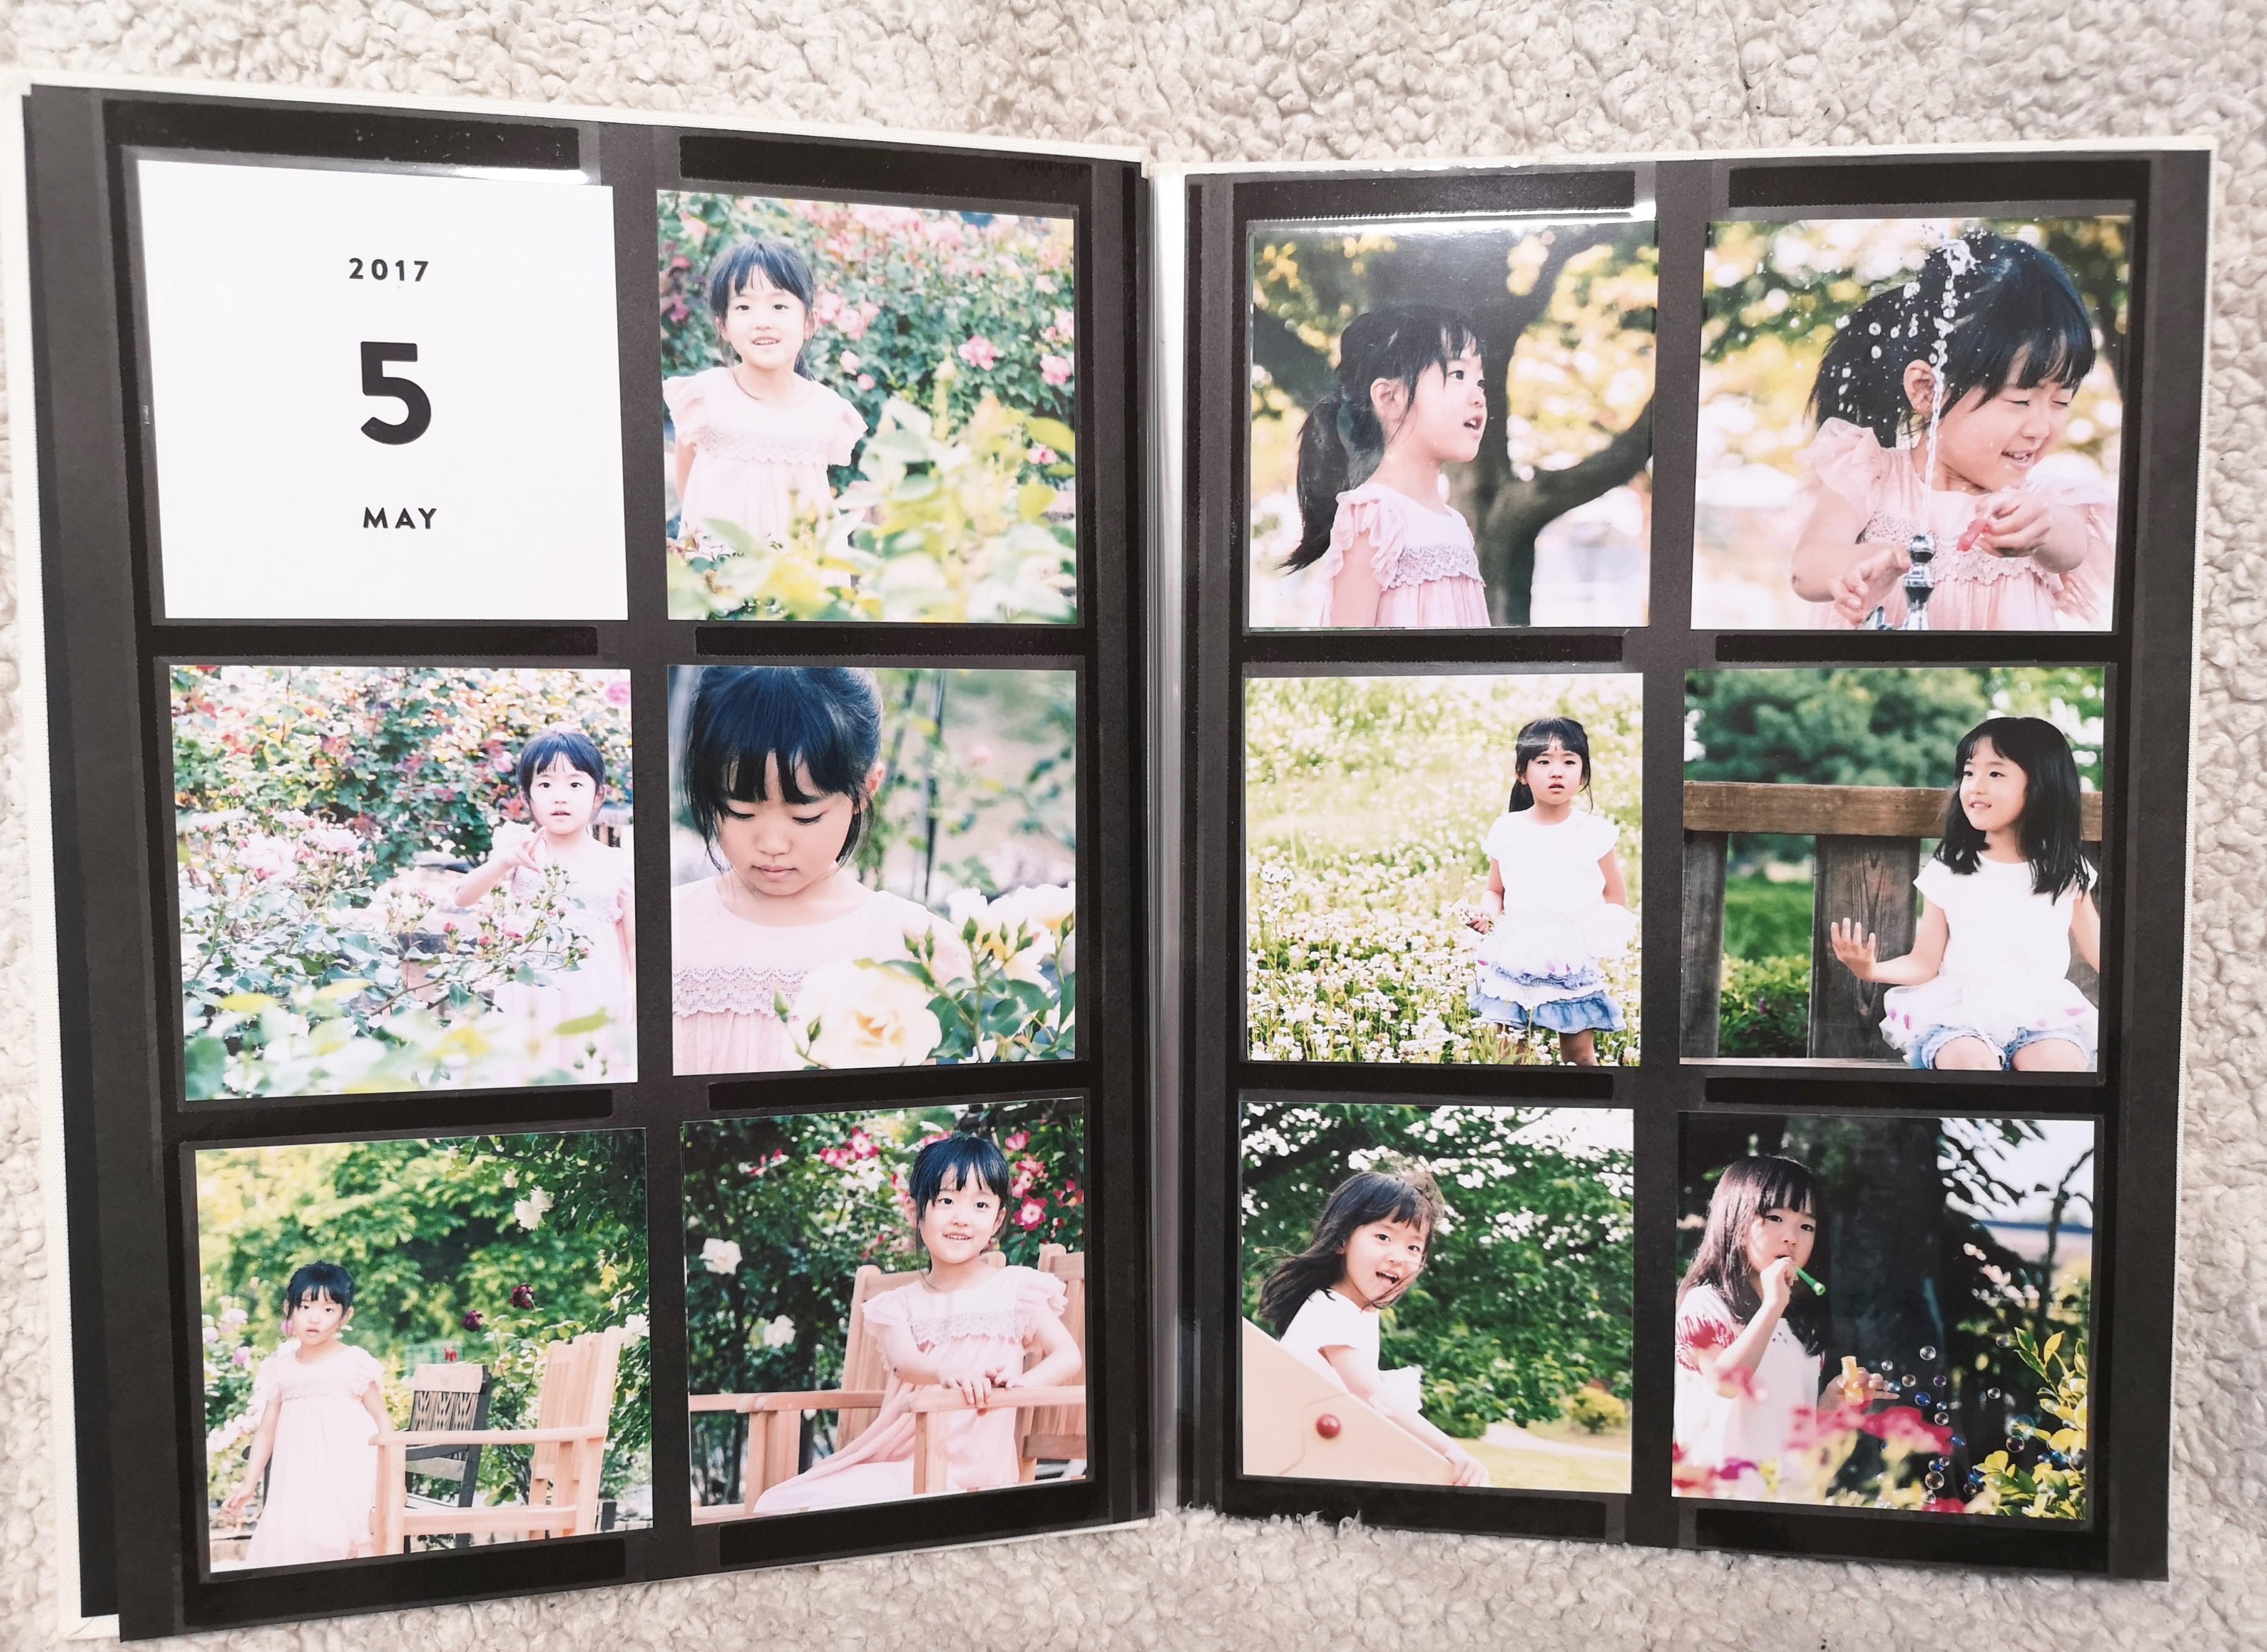 ALBUS(アルバス)のアルバムの写真2